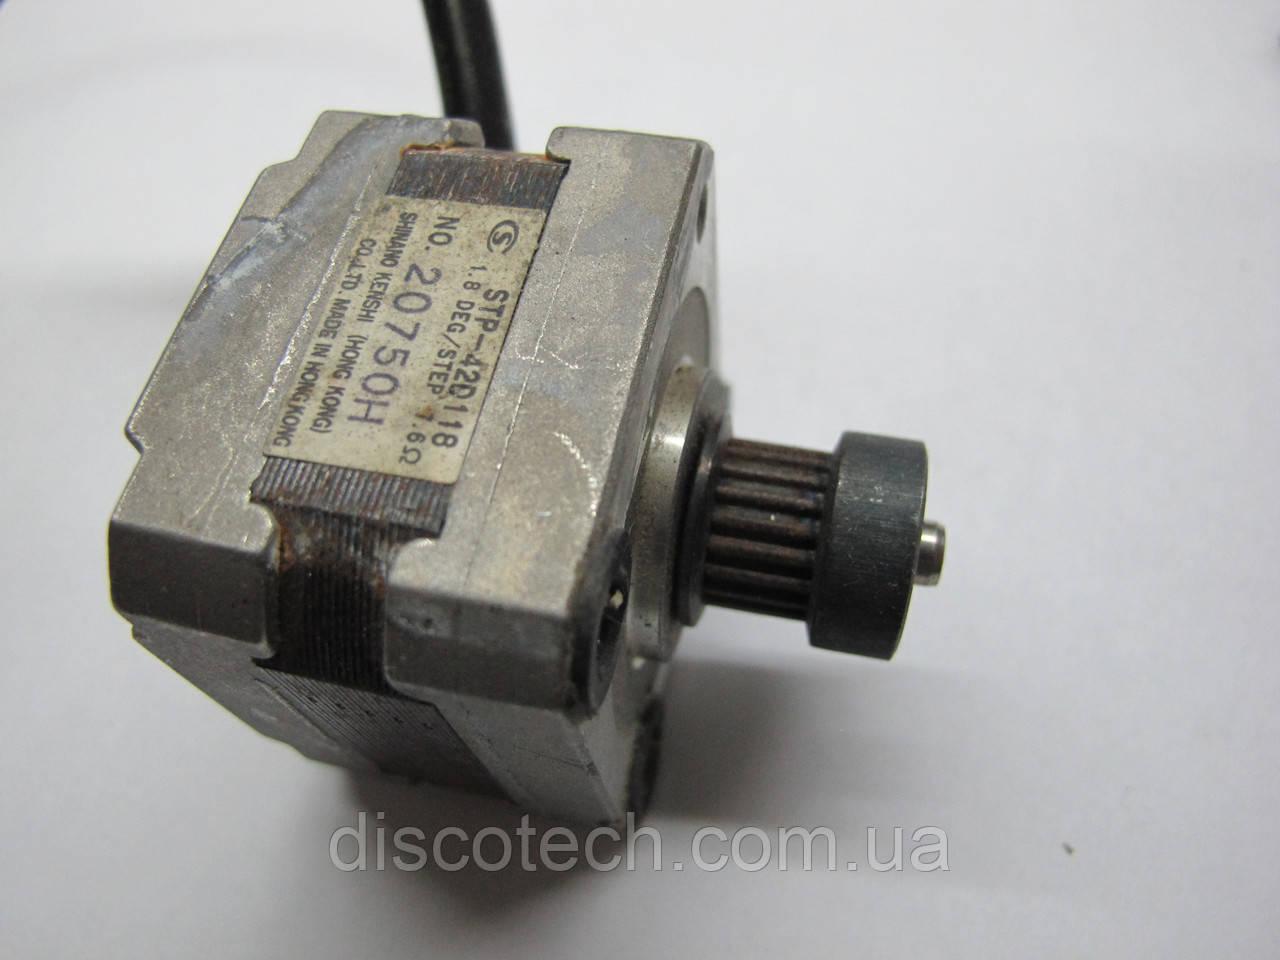 Двигатель шаговый уп 1,8 ф5,0/  7,6 Ом STP-42D118